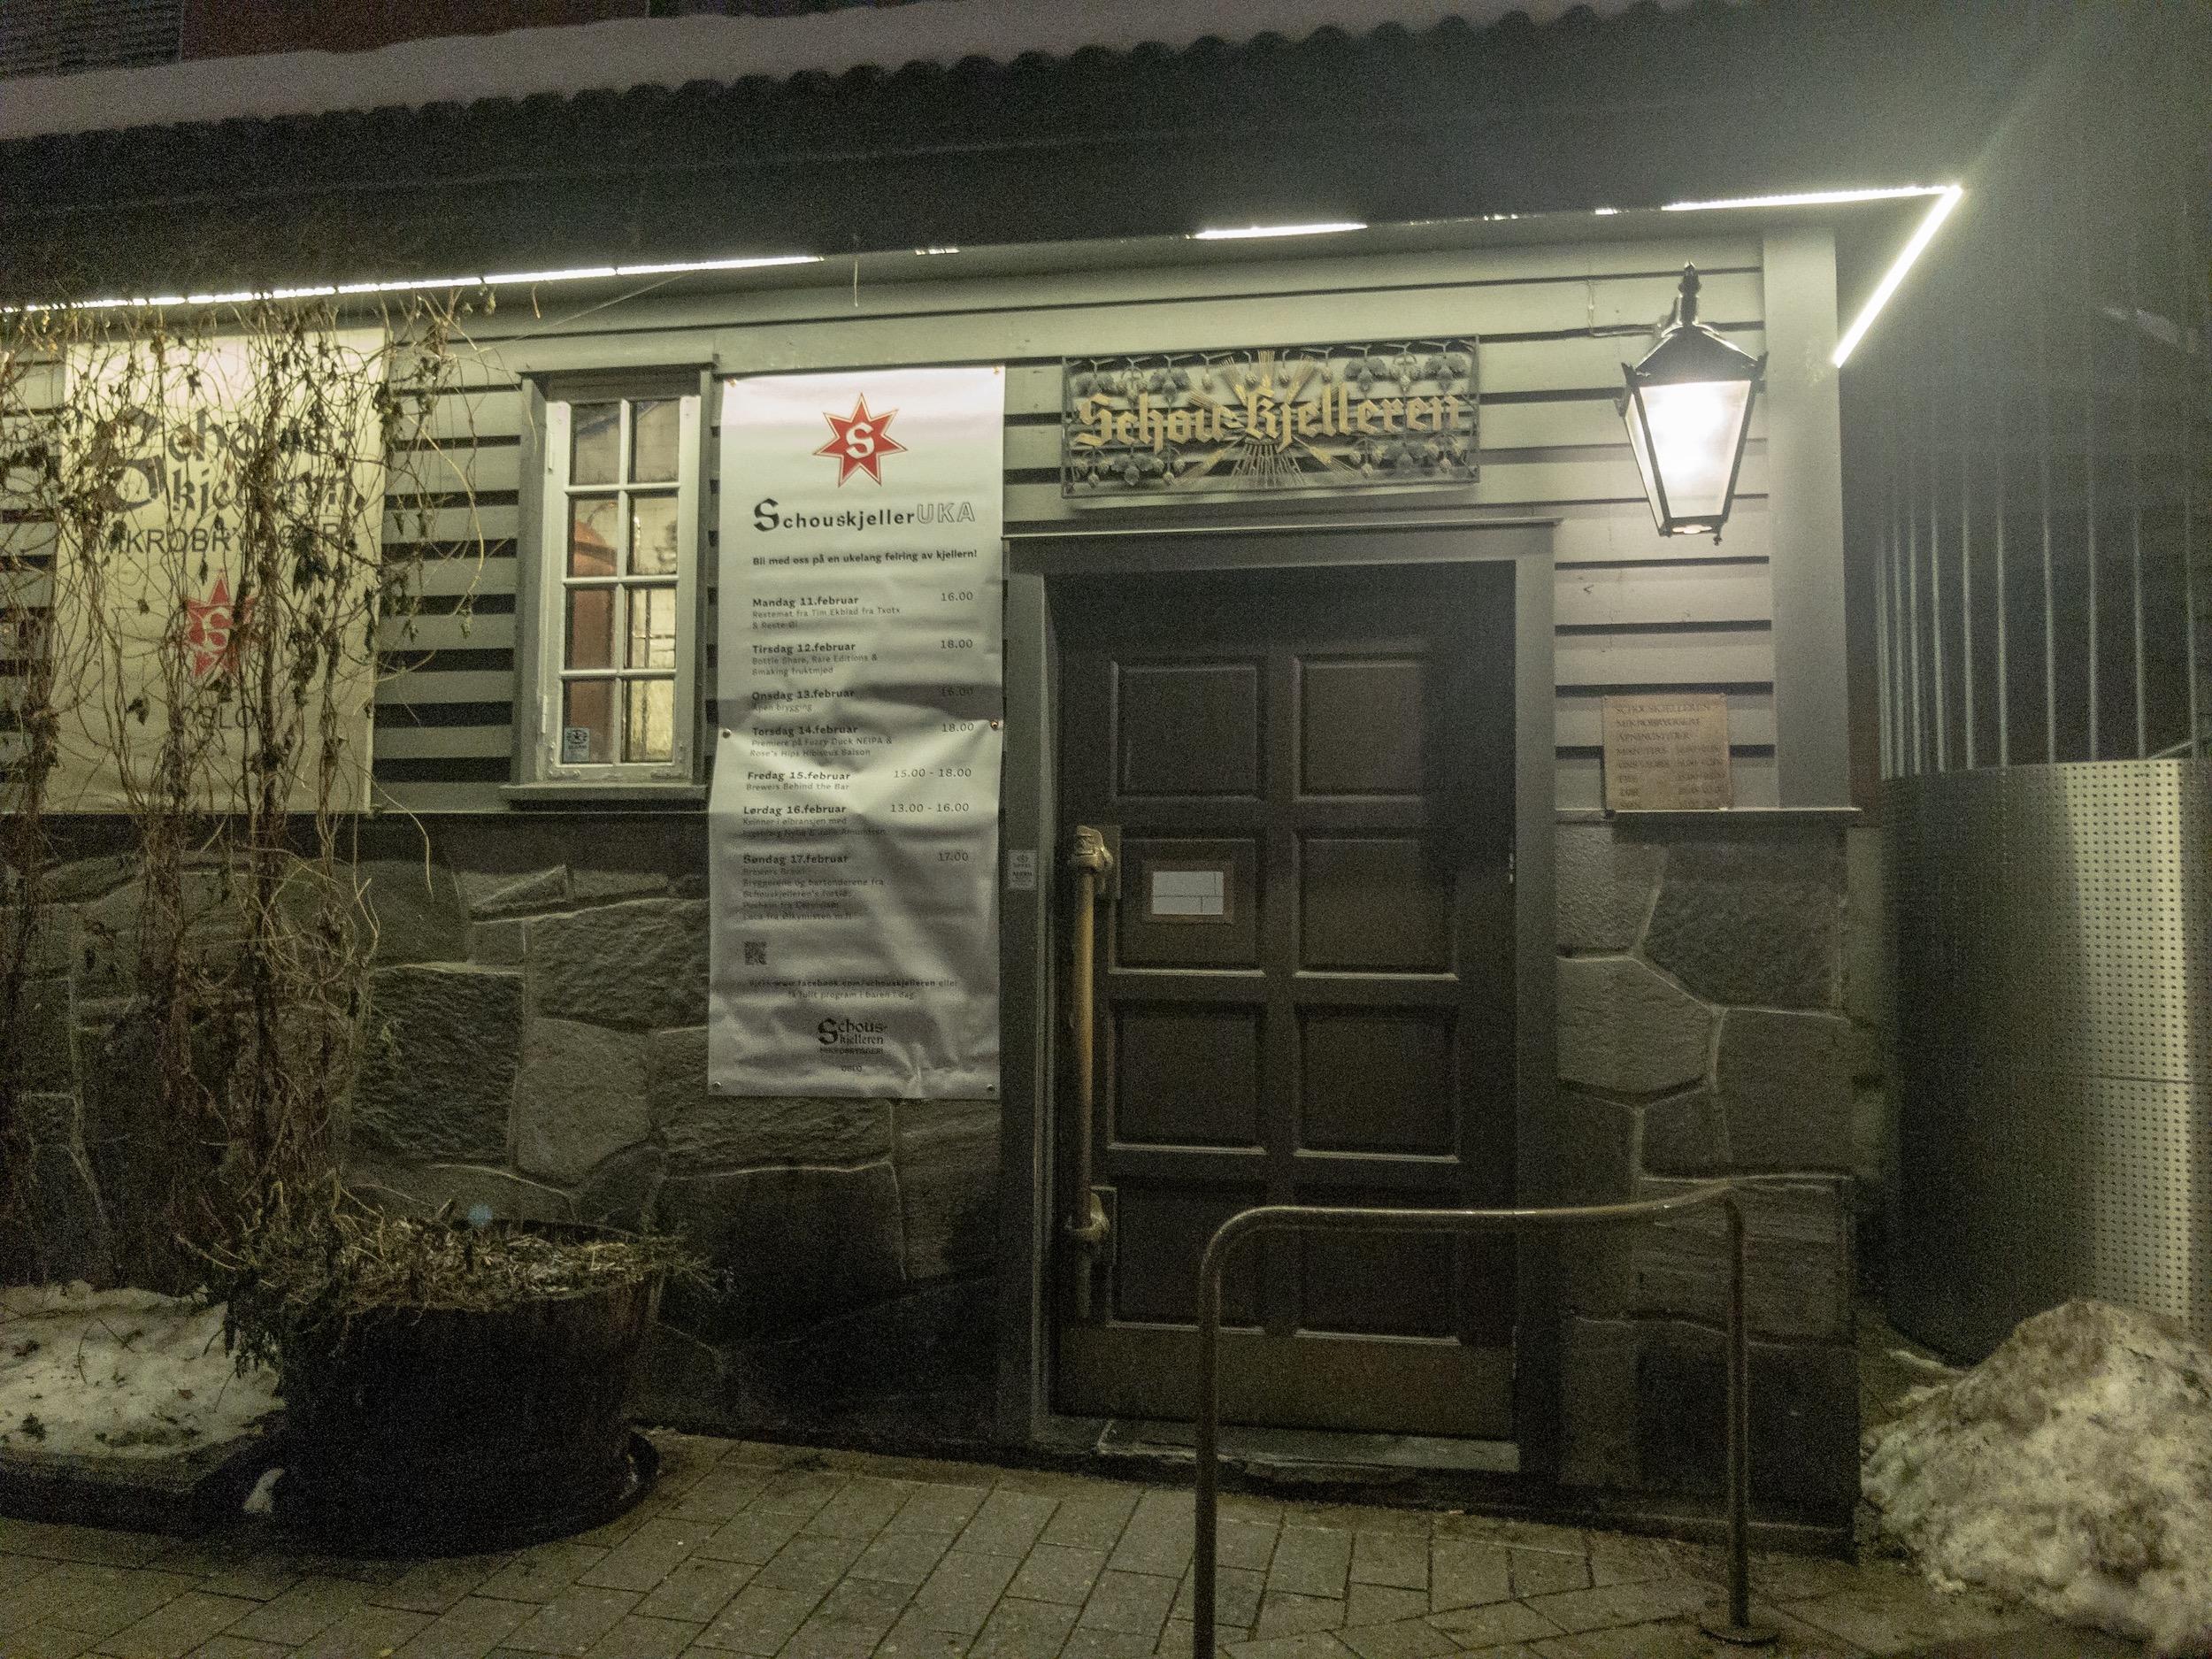 Schouskjelleren Mikrobryggeri Oslo Entrance.JPG